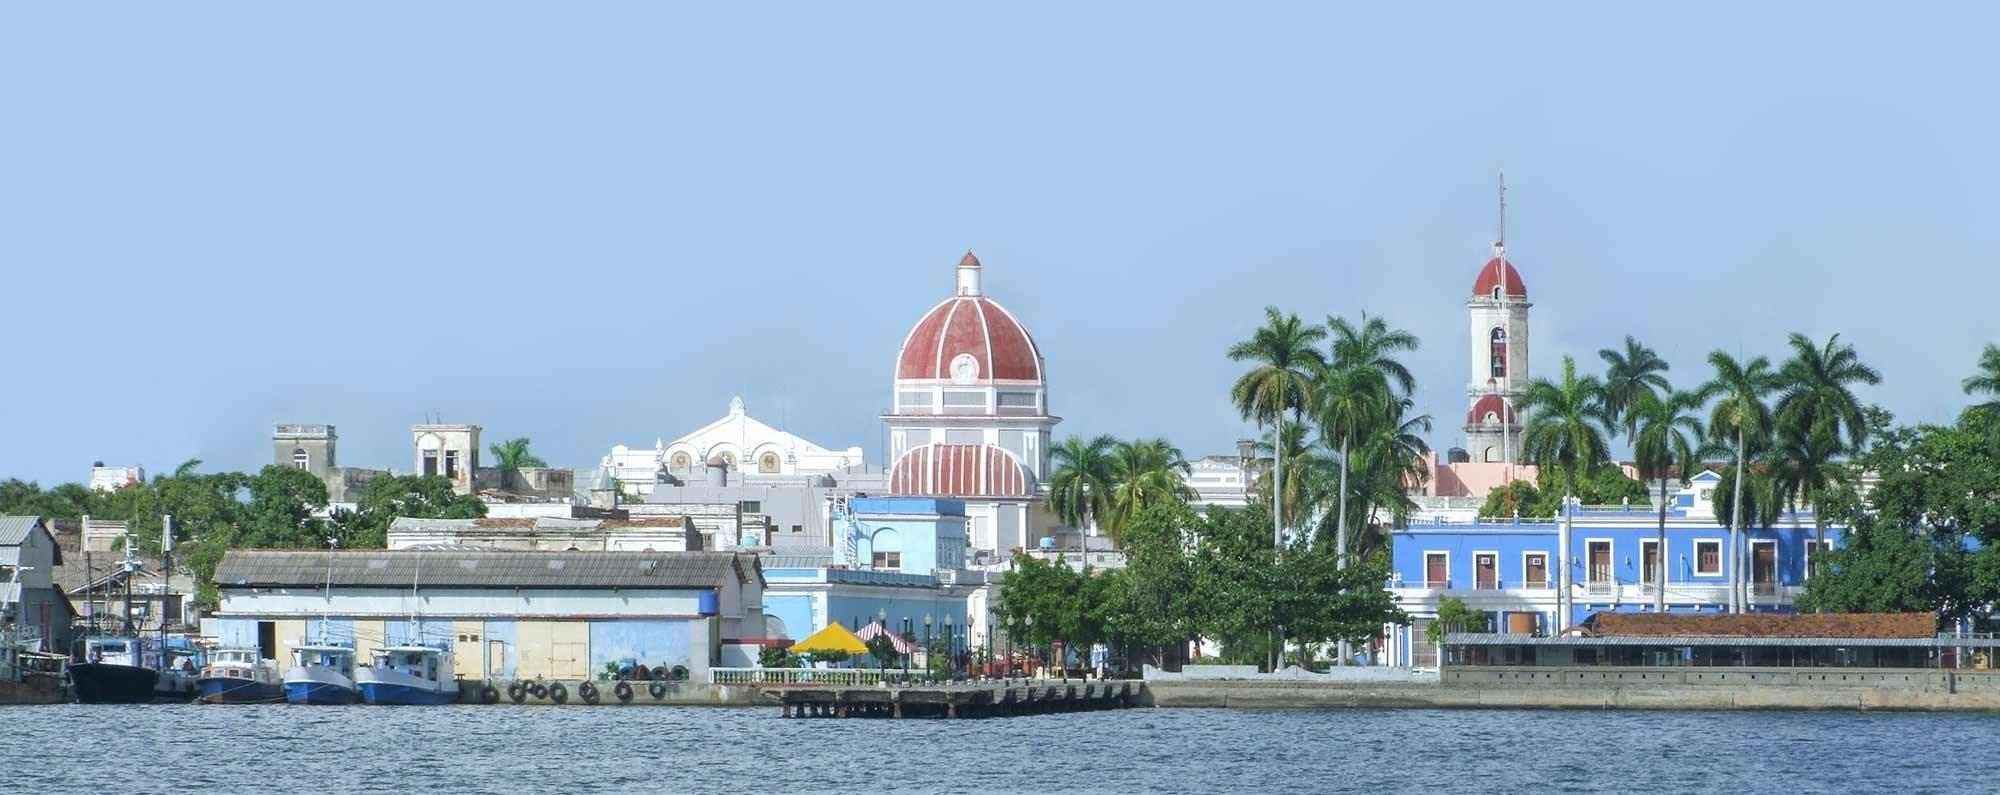 Alquiler de barcos en Cienfuegos